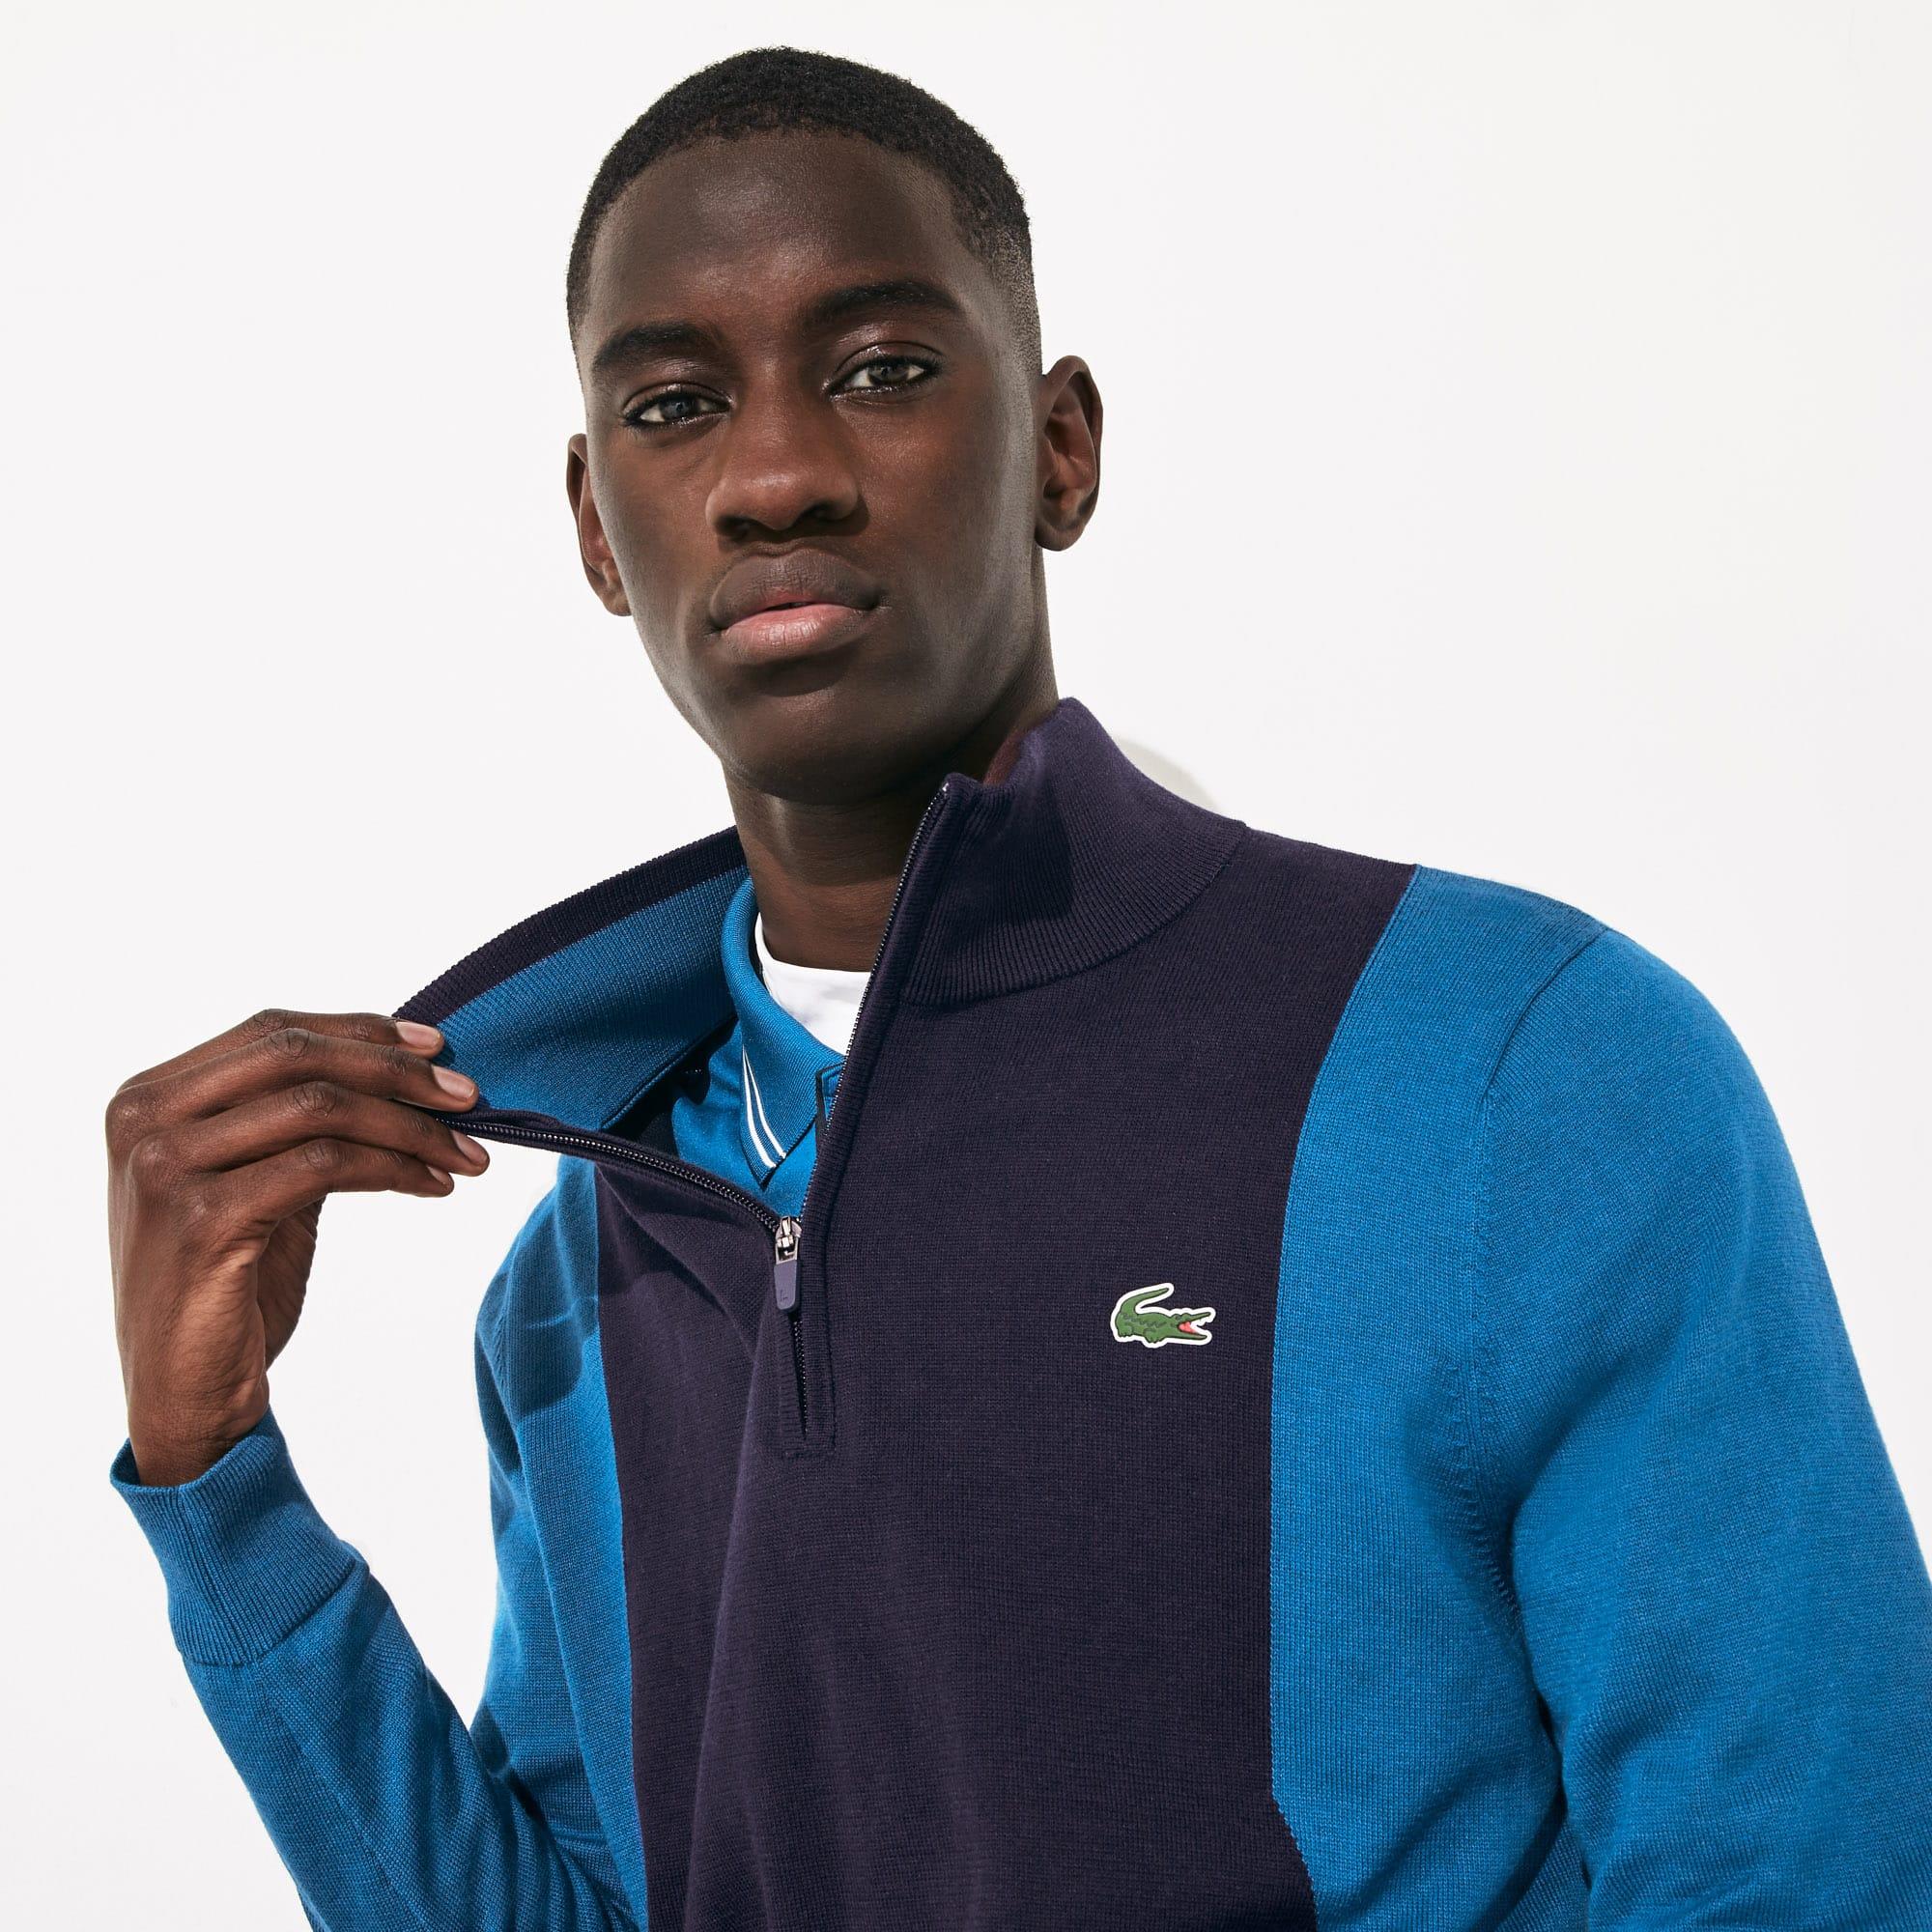 라코스테 Lacoste Mens SPORT Breathable Knit Zip Collar Golf Sweater,Navy Blue / Blue / Navy Blue - P1F (Selected colou